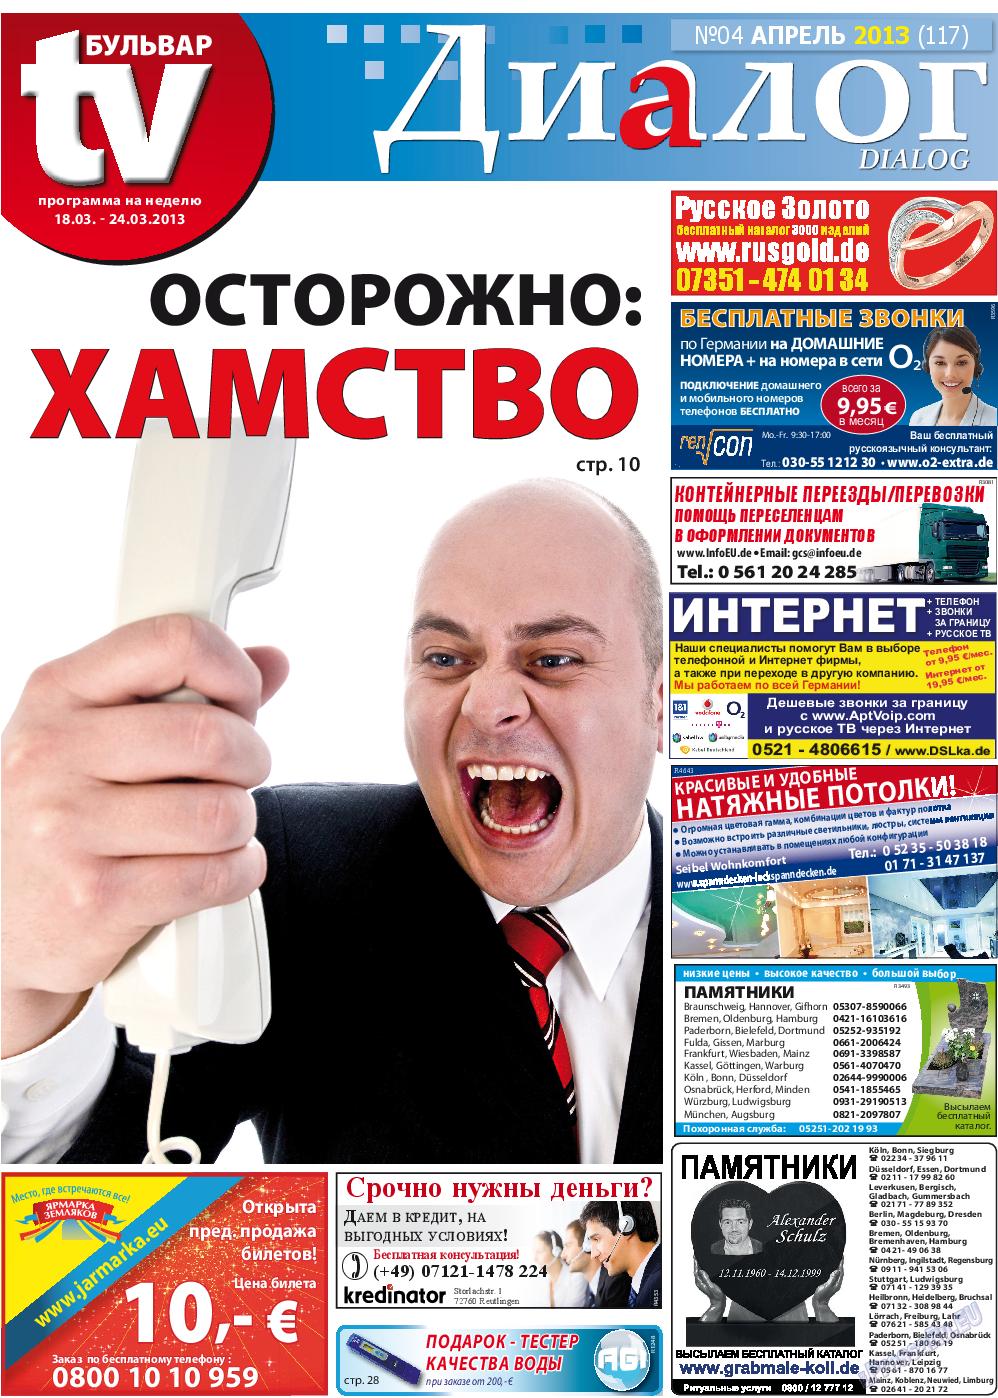 Диалог (газета). 2013 год, номер 4, стр. 1